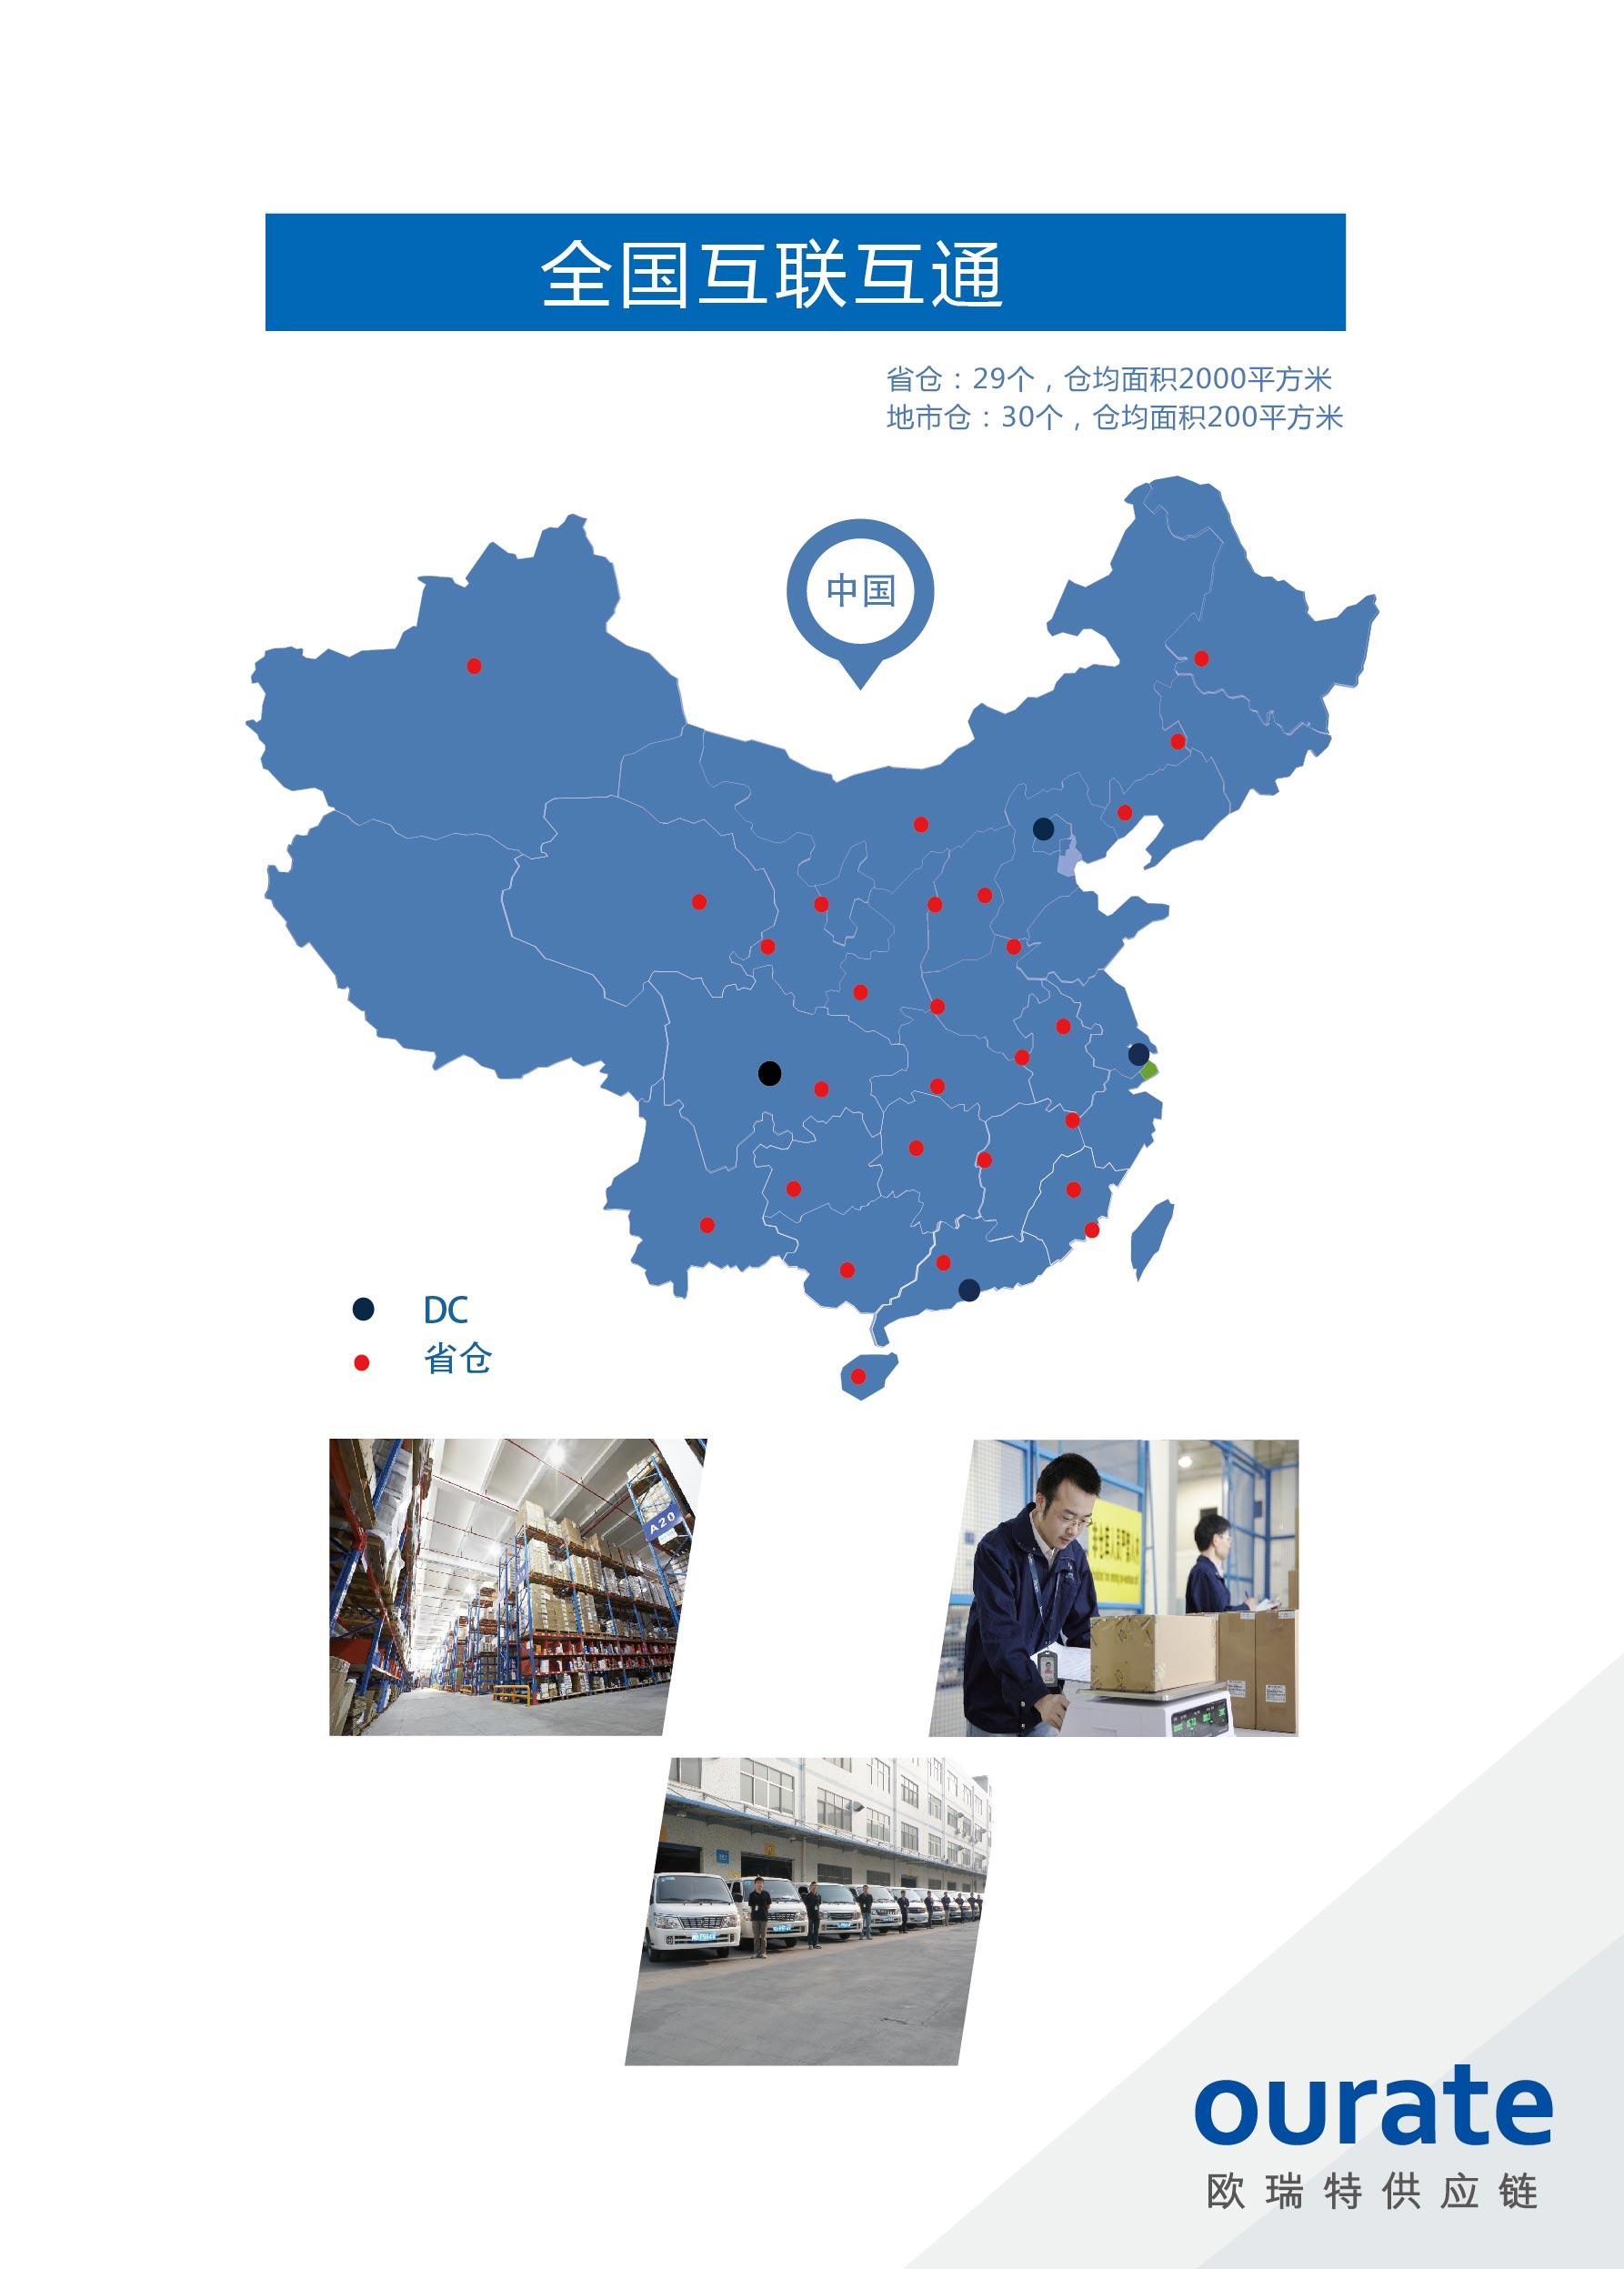 深圳至福州仓储配送 大型配送中心 电商云仓一件代发